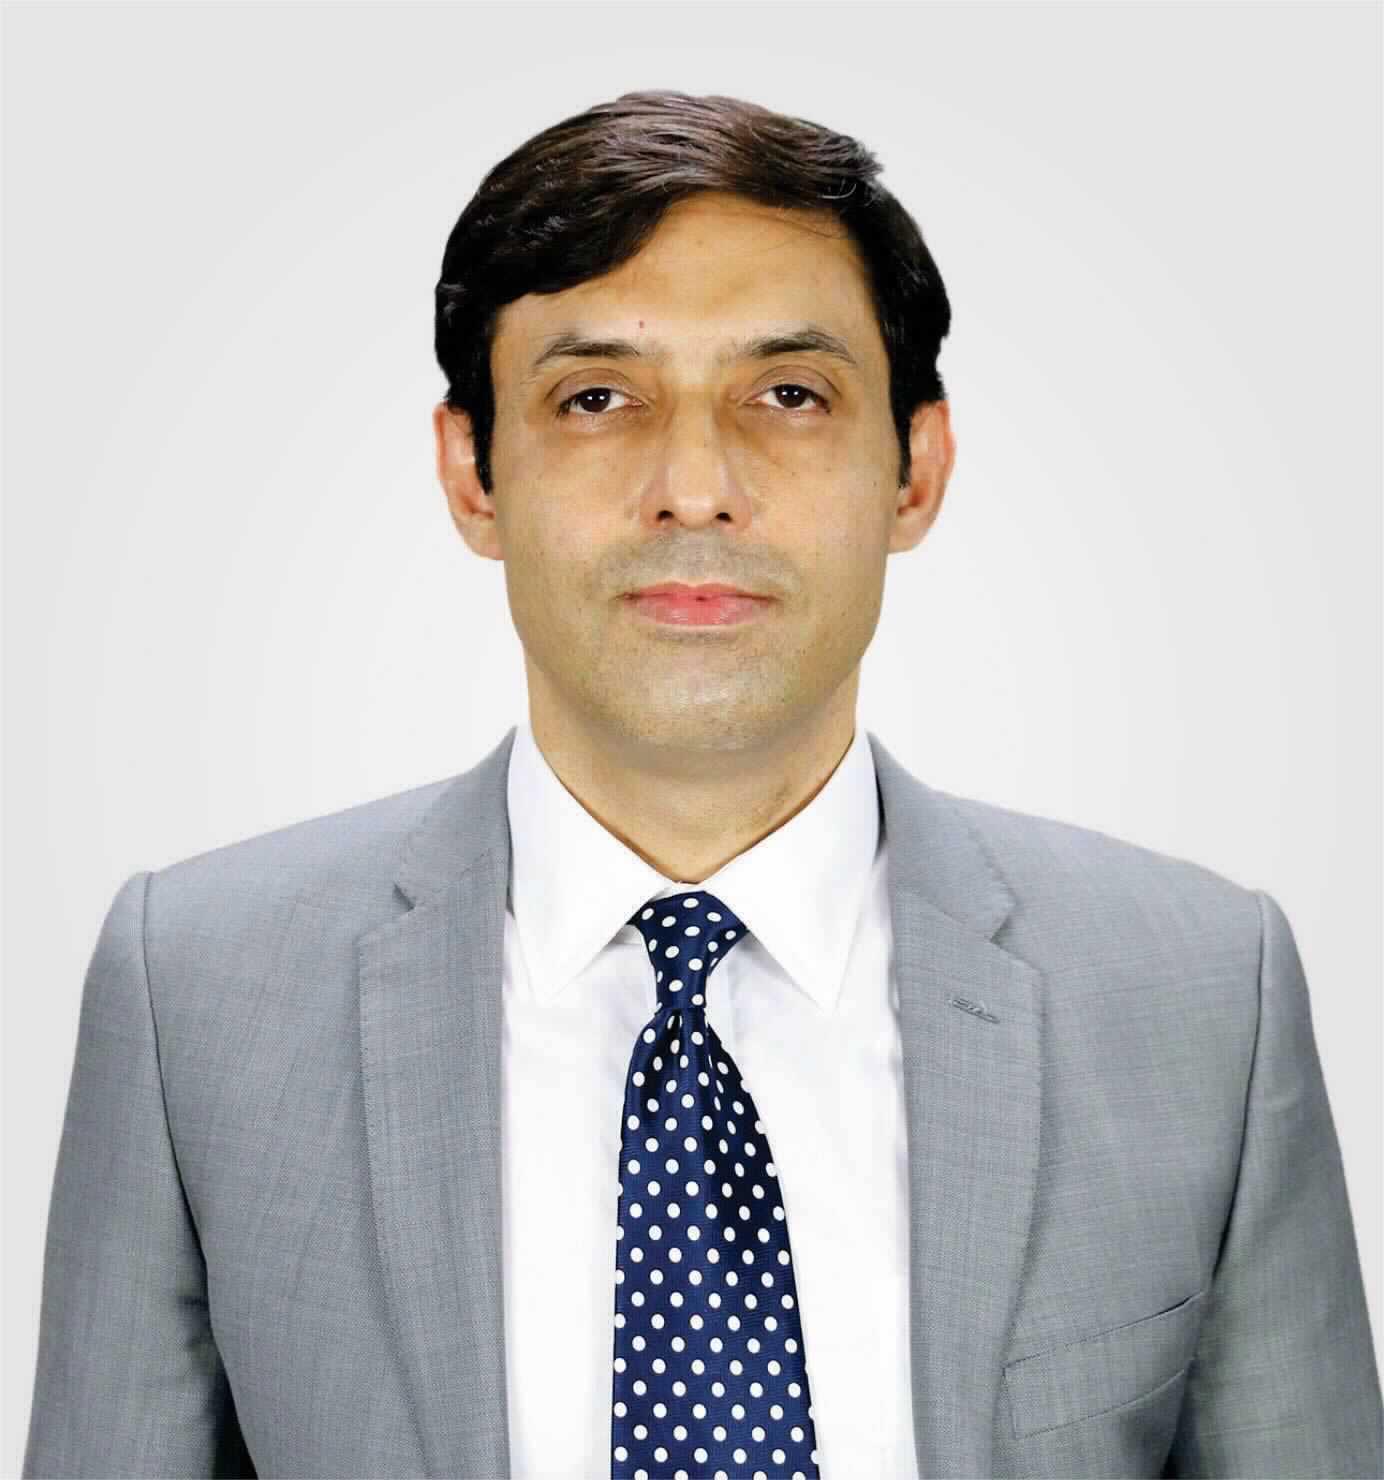 Muhammad Ibrahim Khan